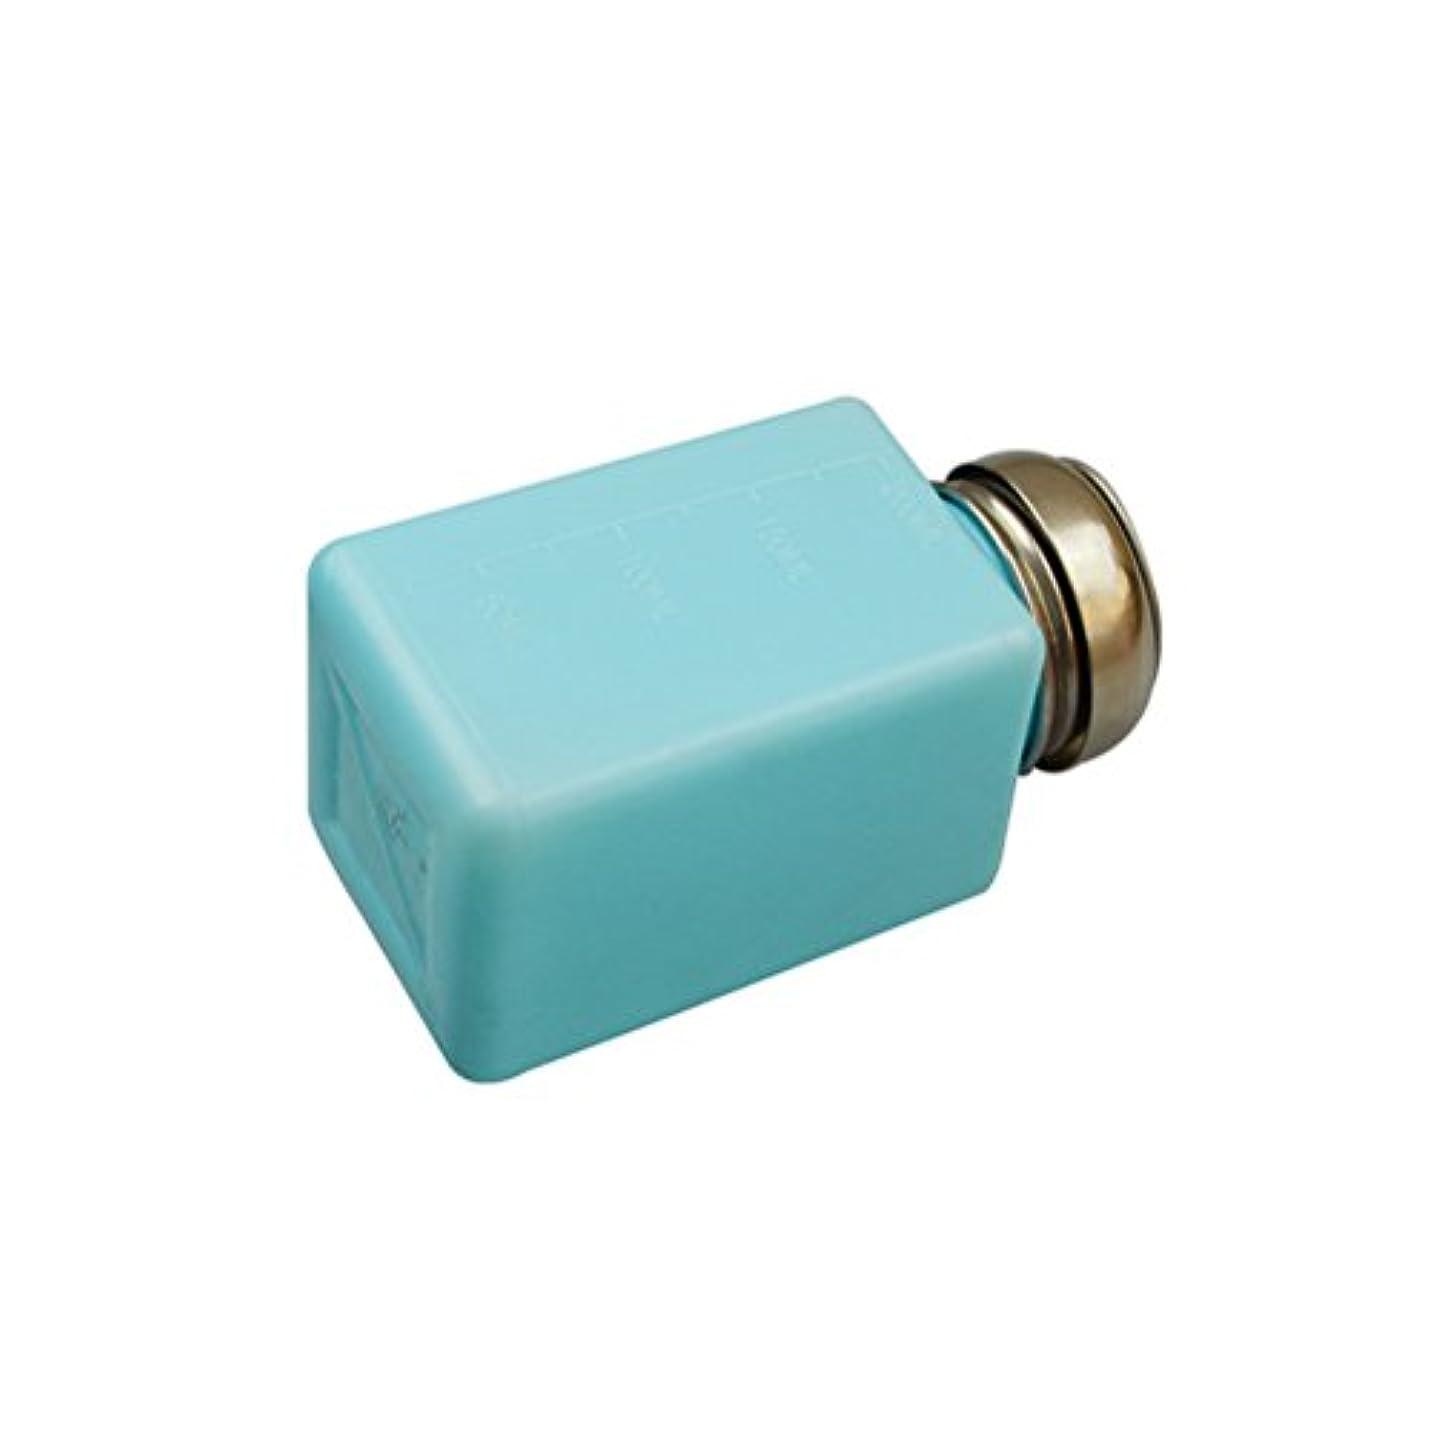 悪いオーケストラ周波数BESTOMZ アルコールボトル 便利 クレンジングオイル 小分け容器 静電防止 200ML(青)